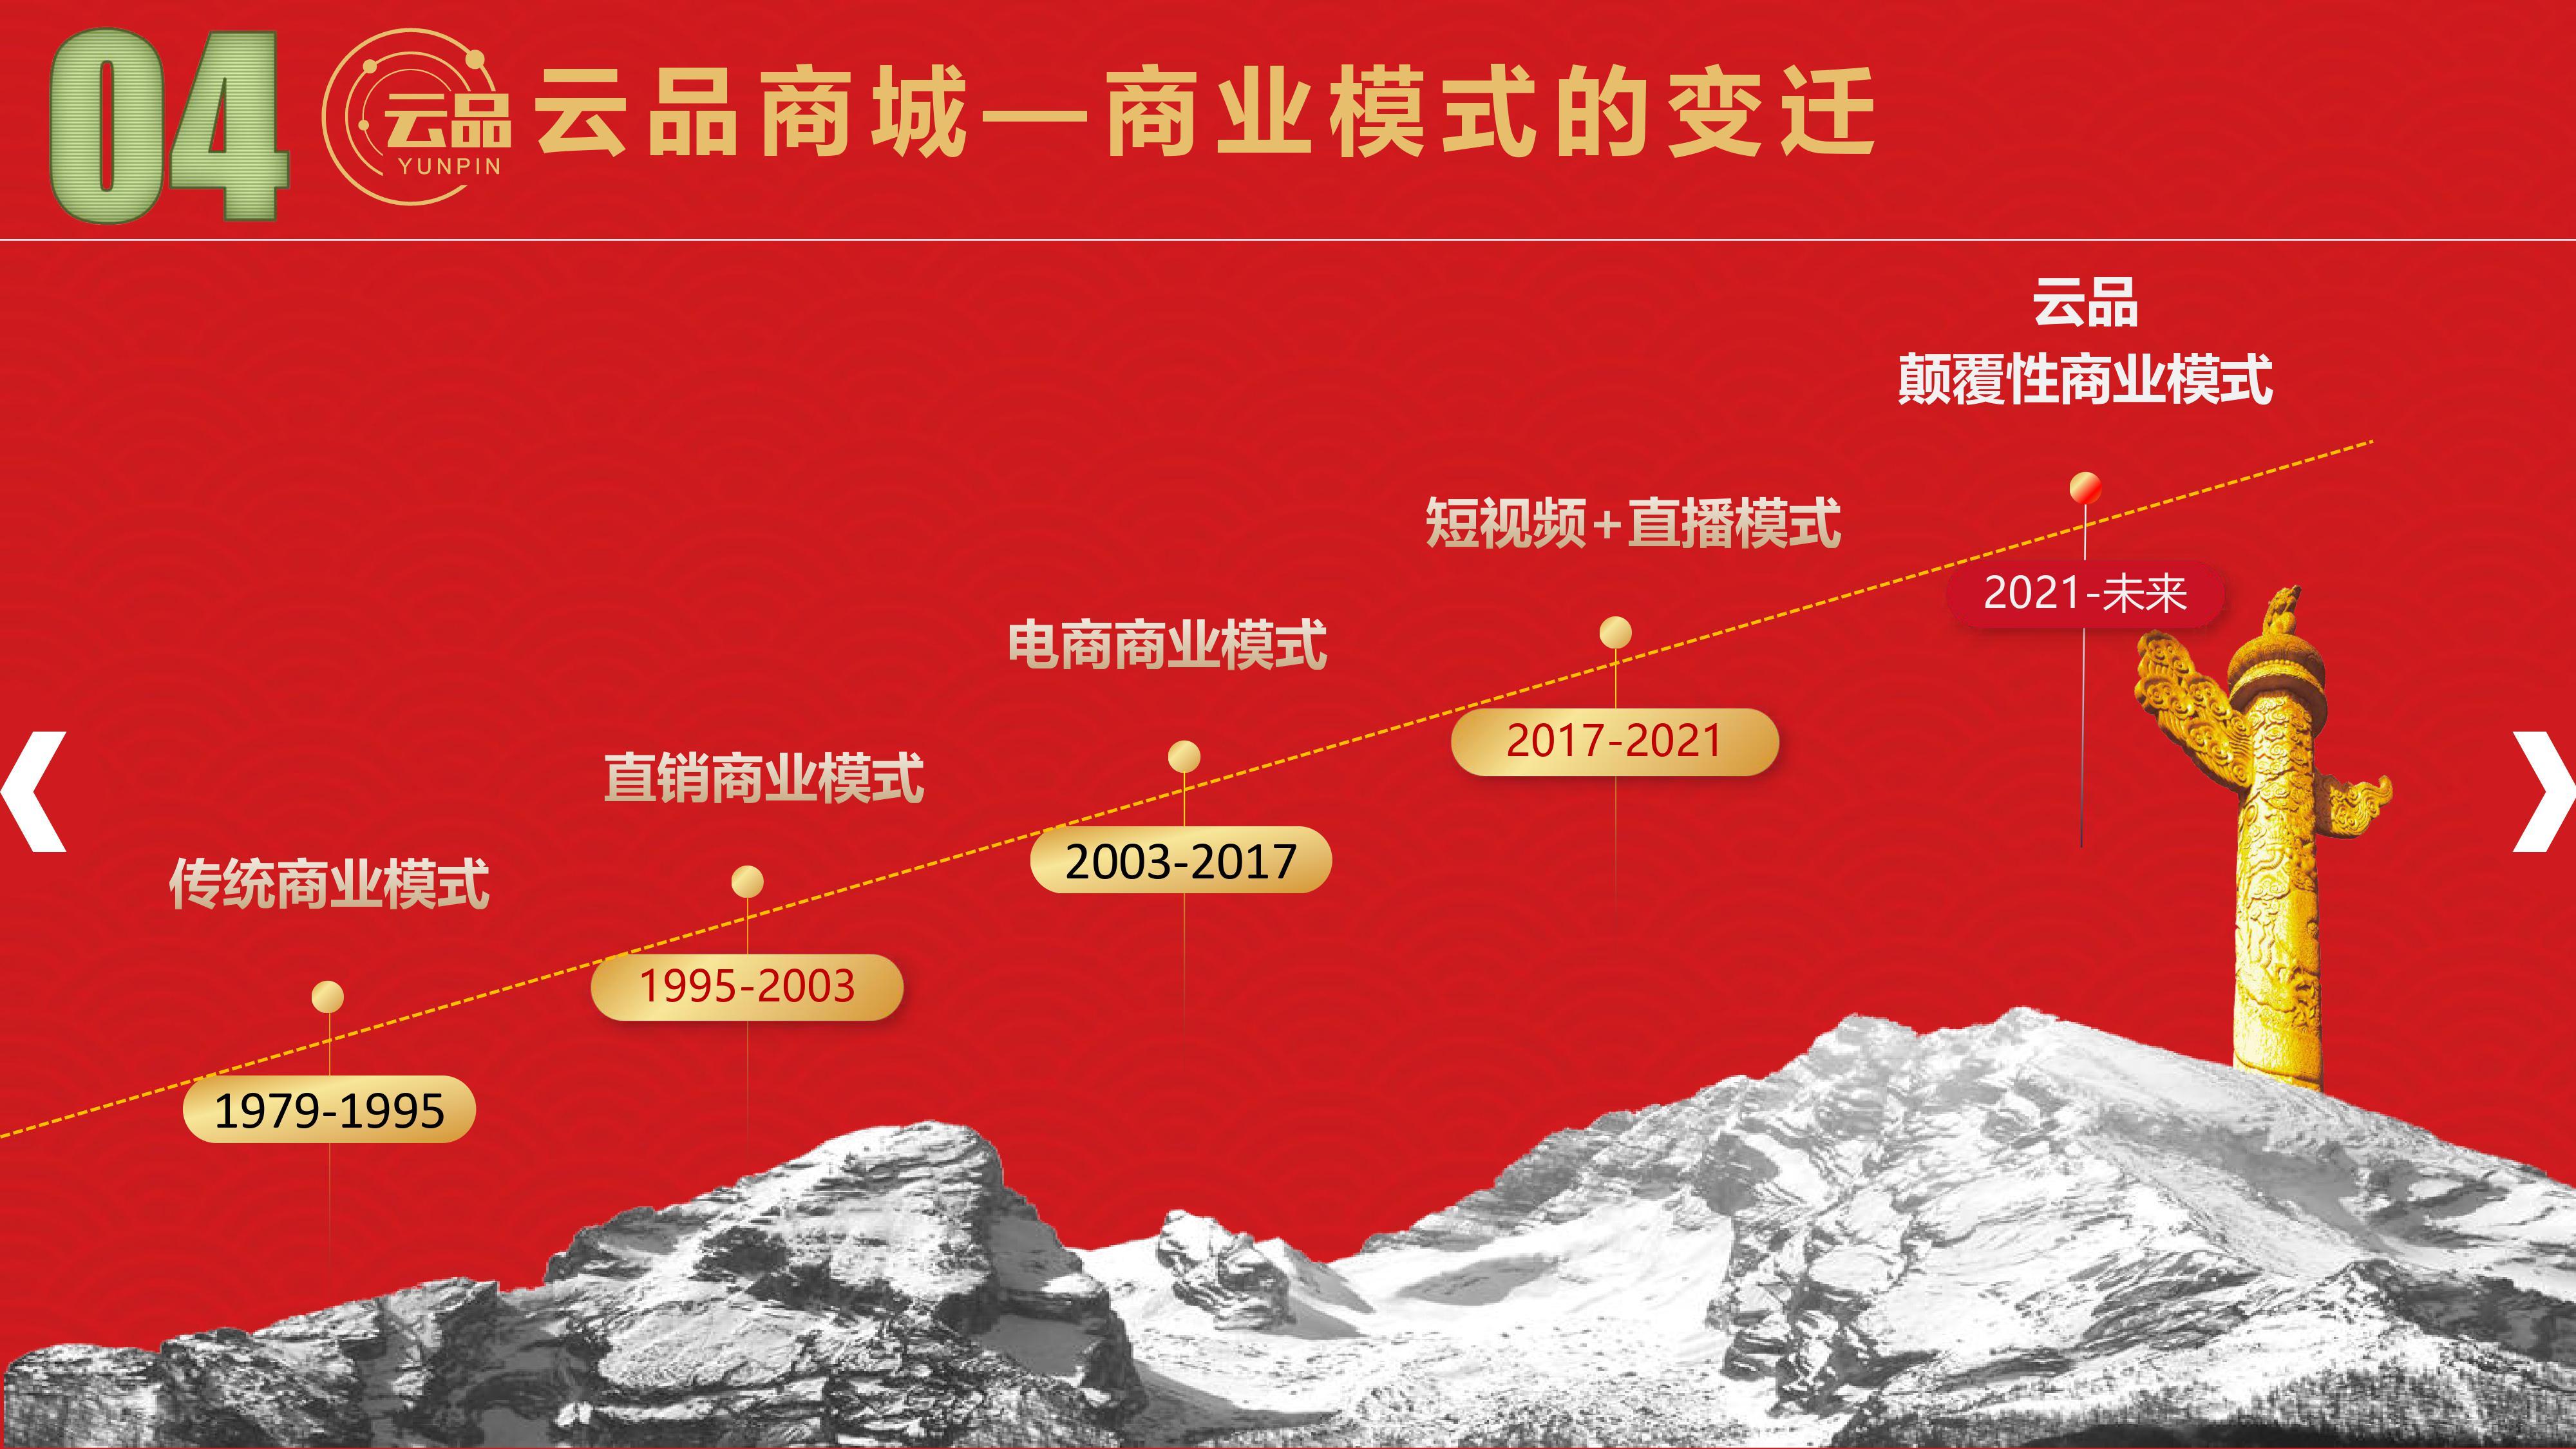 中国梦2021,为你铸造辉煌